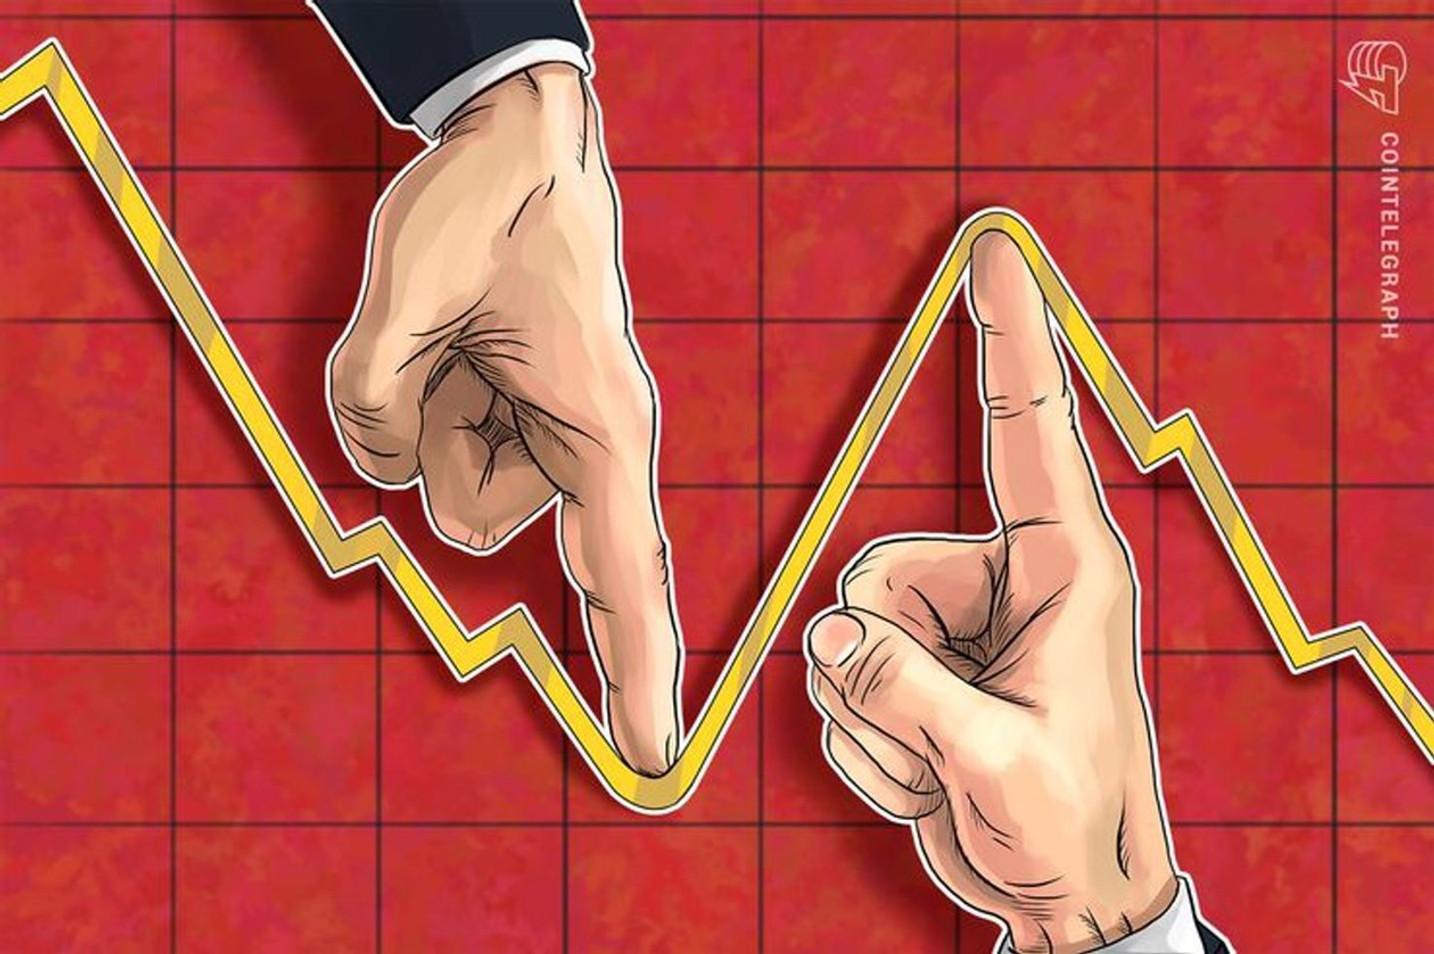 短期的には売られ過ぎのシグナル点灯 仮想通貨ビットコイン相場市況(11月9日)